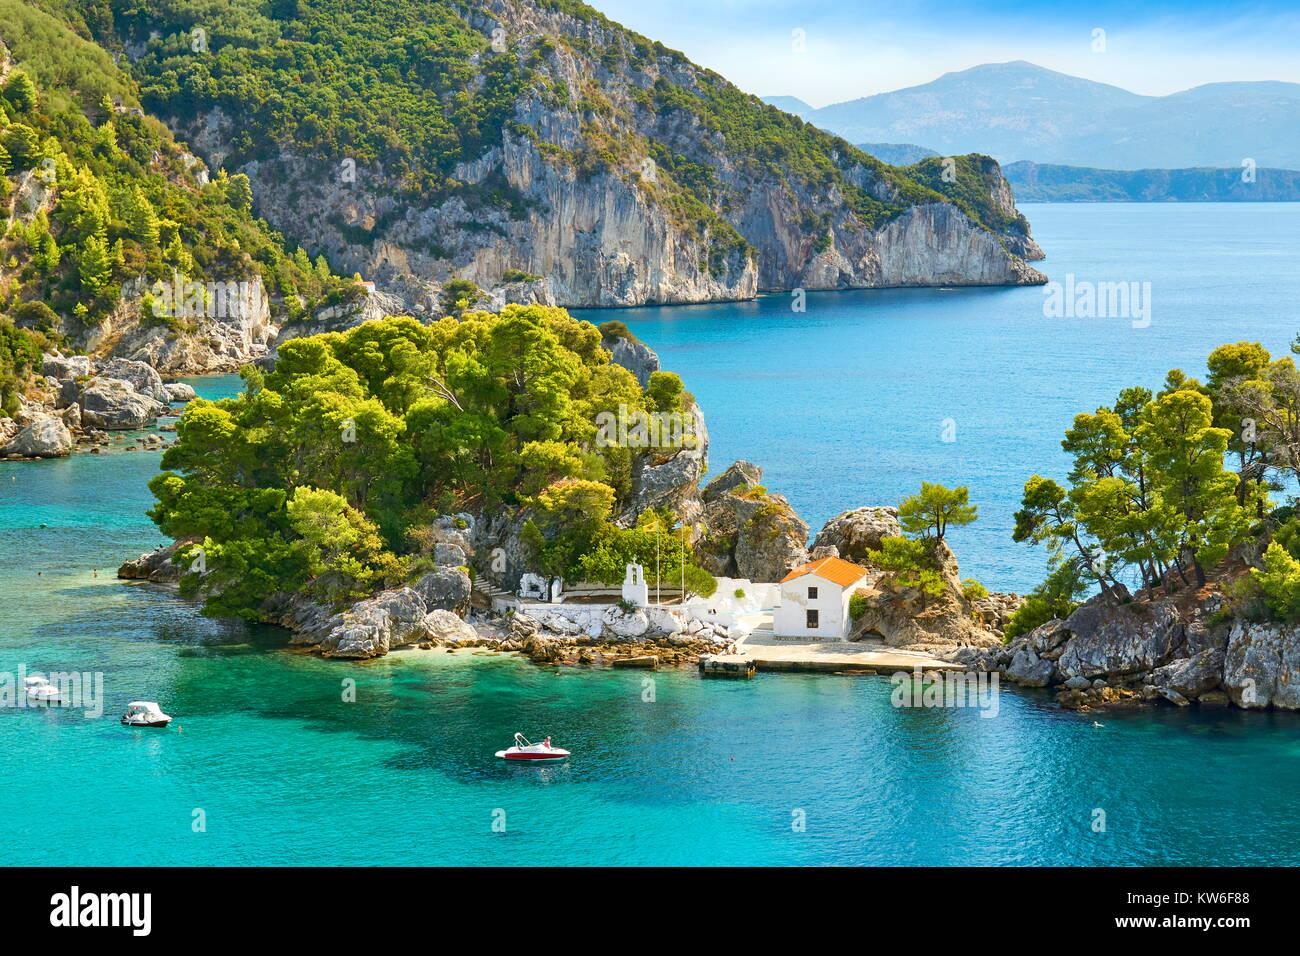 Petite chapelle à Panagias Island, Parga, Grèce Photo Stock